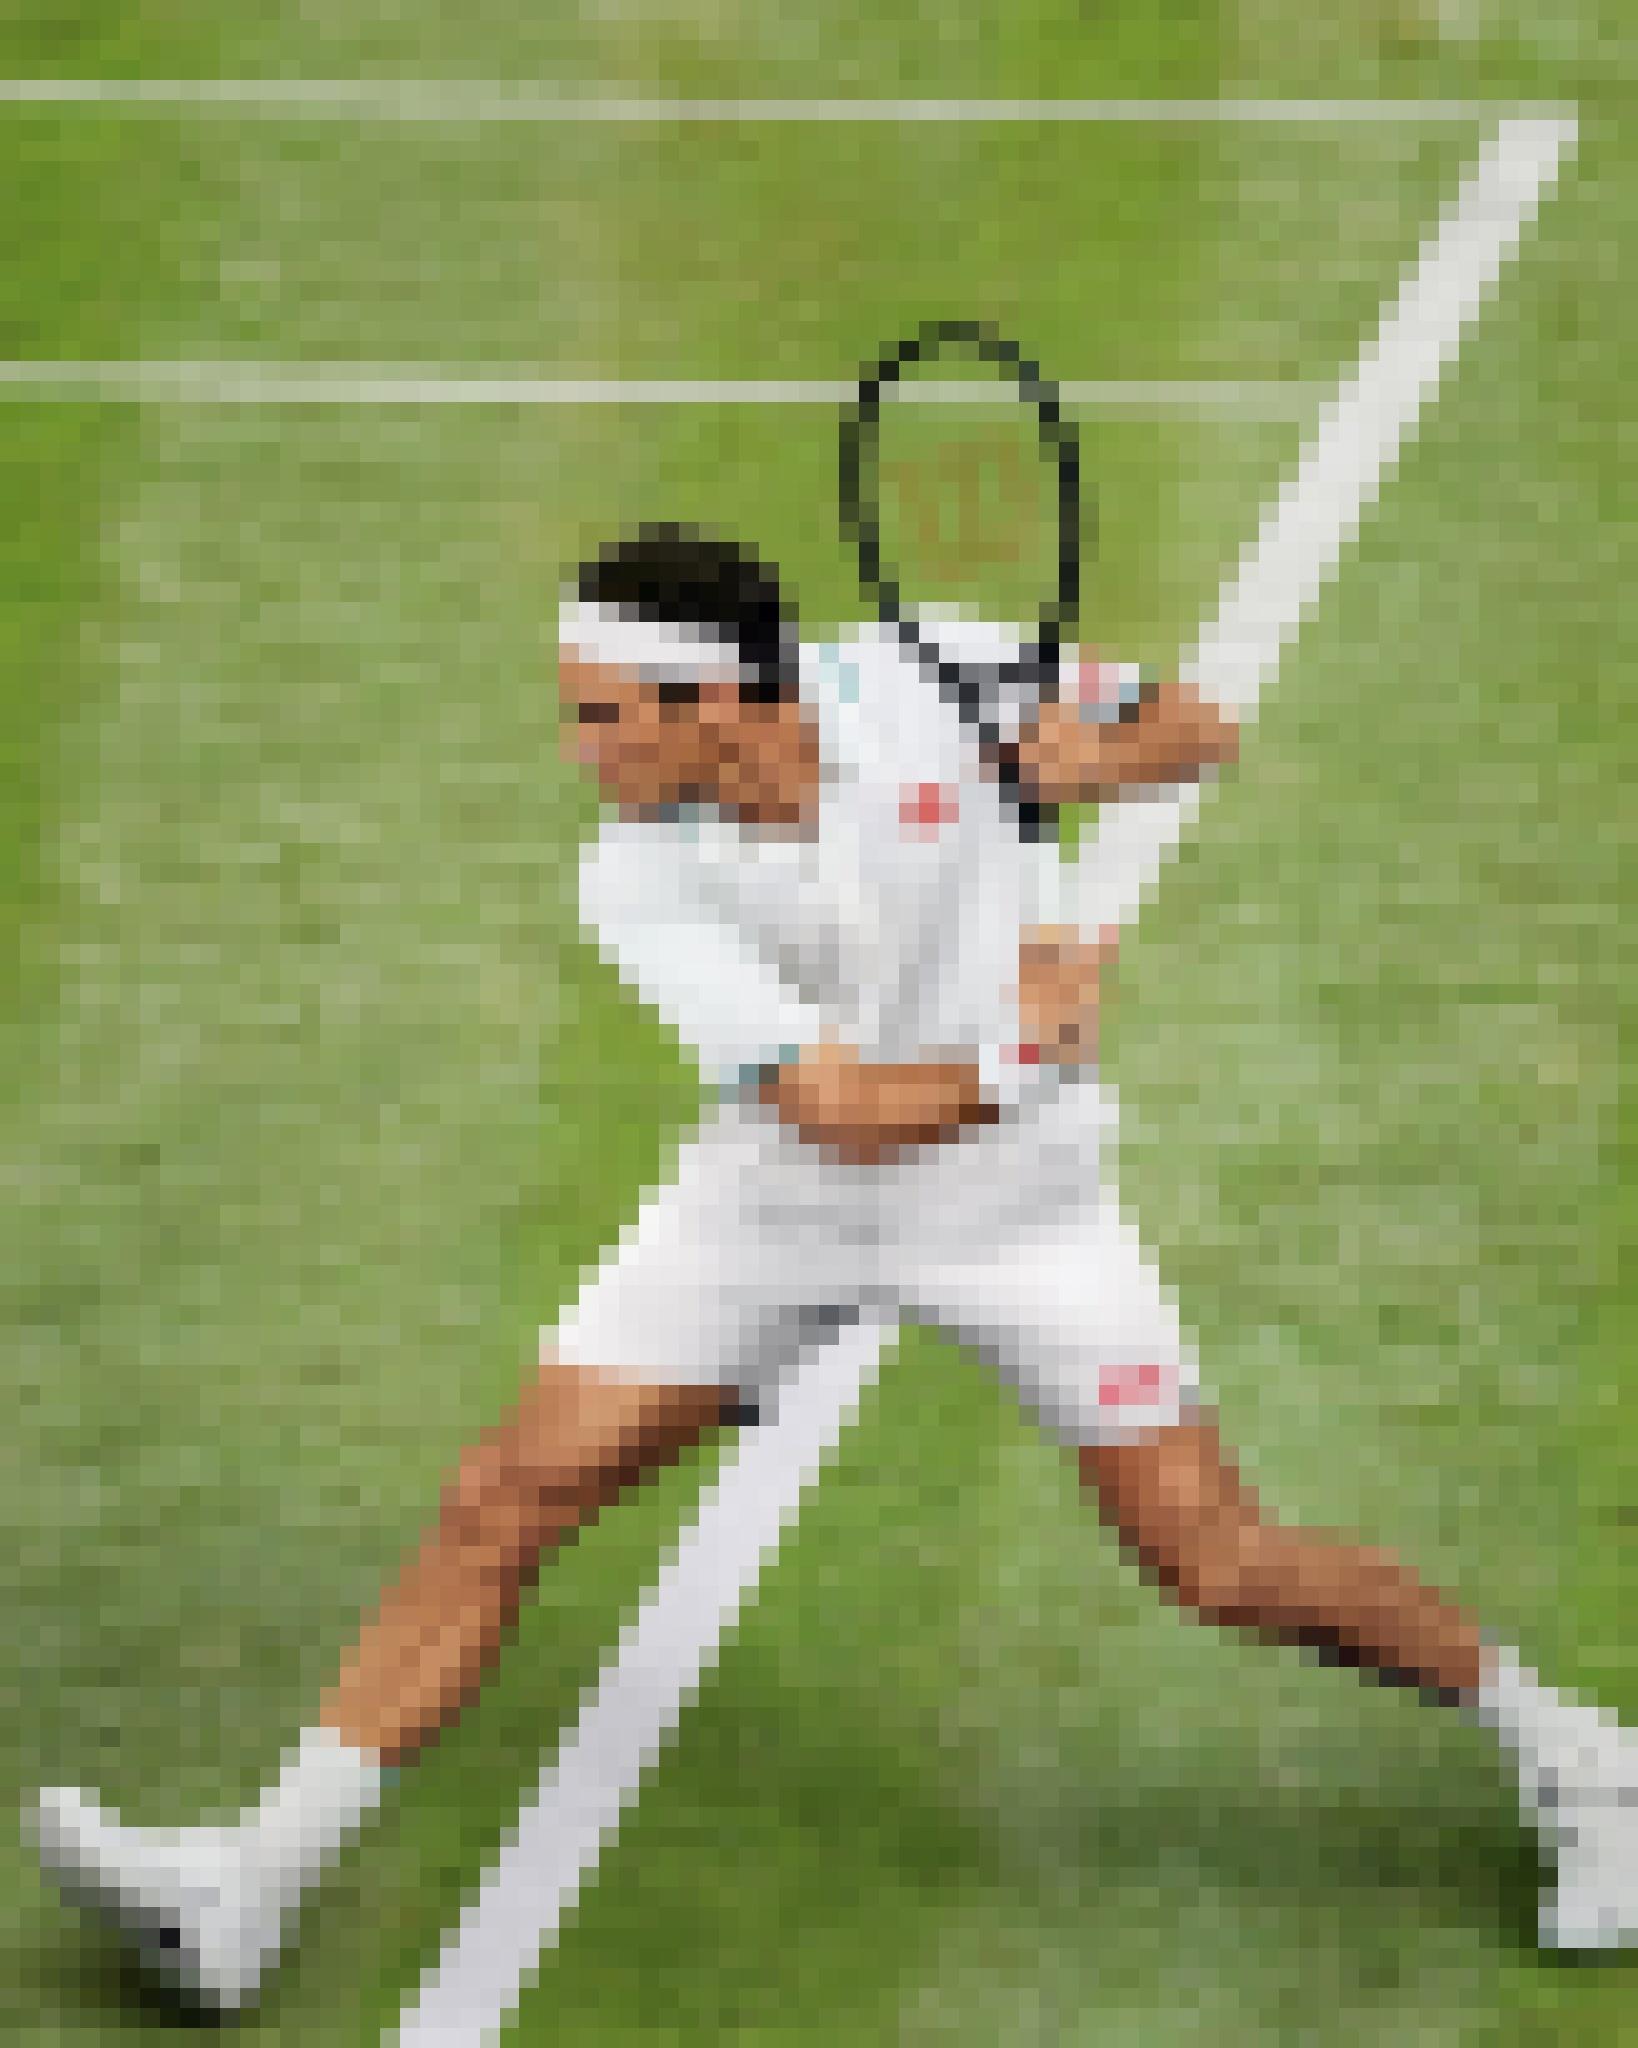 199541319 1710556579154349 3014574920931051734 n – kopija - Tako bo v Wimbledonu oblečen Roger Federer